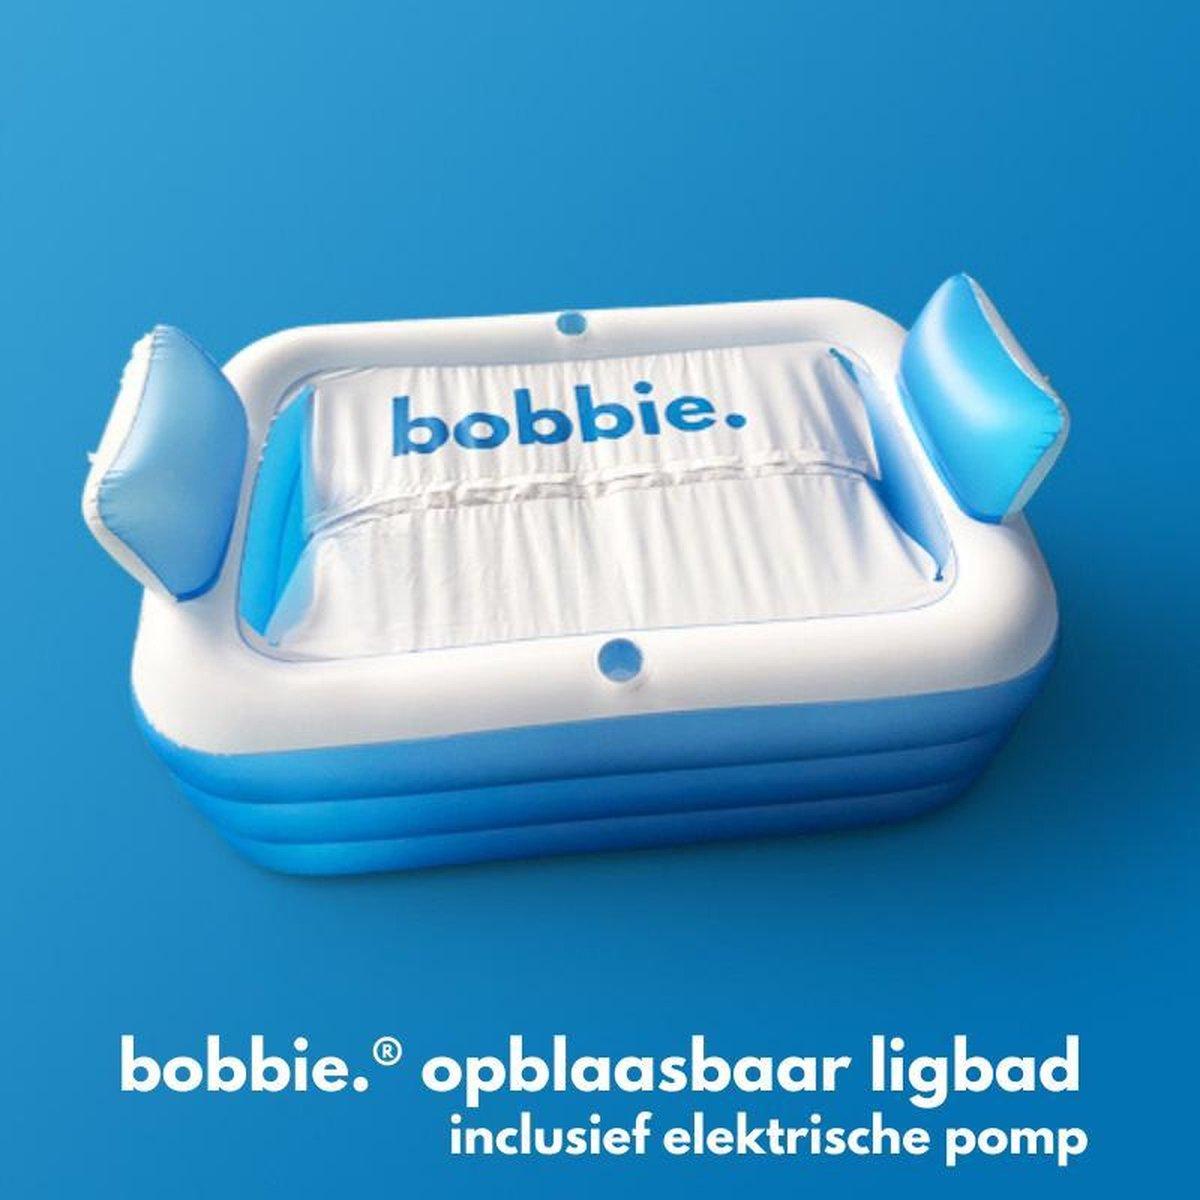 bobbie - Opblaasbaar bad voor thuis - met Gratis Elektrische Pomp - Opblaasbaar ligbad - Opblaasbad voor kinderen en volwassenen- Opblaas Zwembad - vrijstaand ovaal Ligbad met Afdekzeil